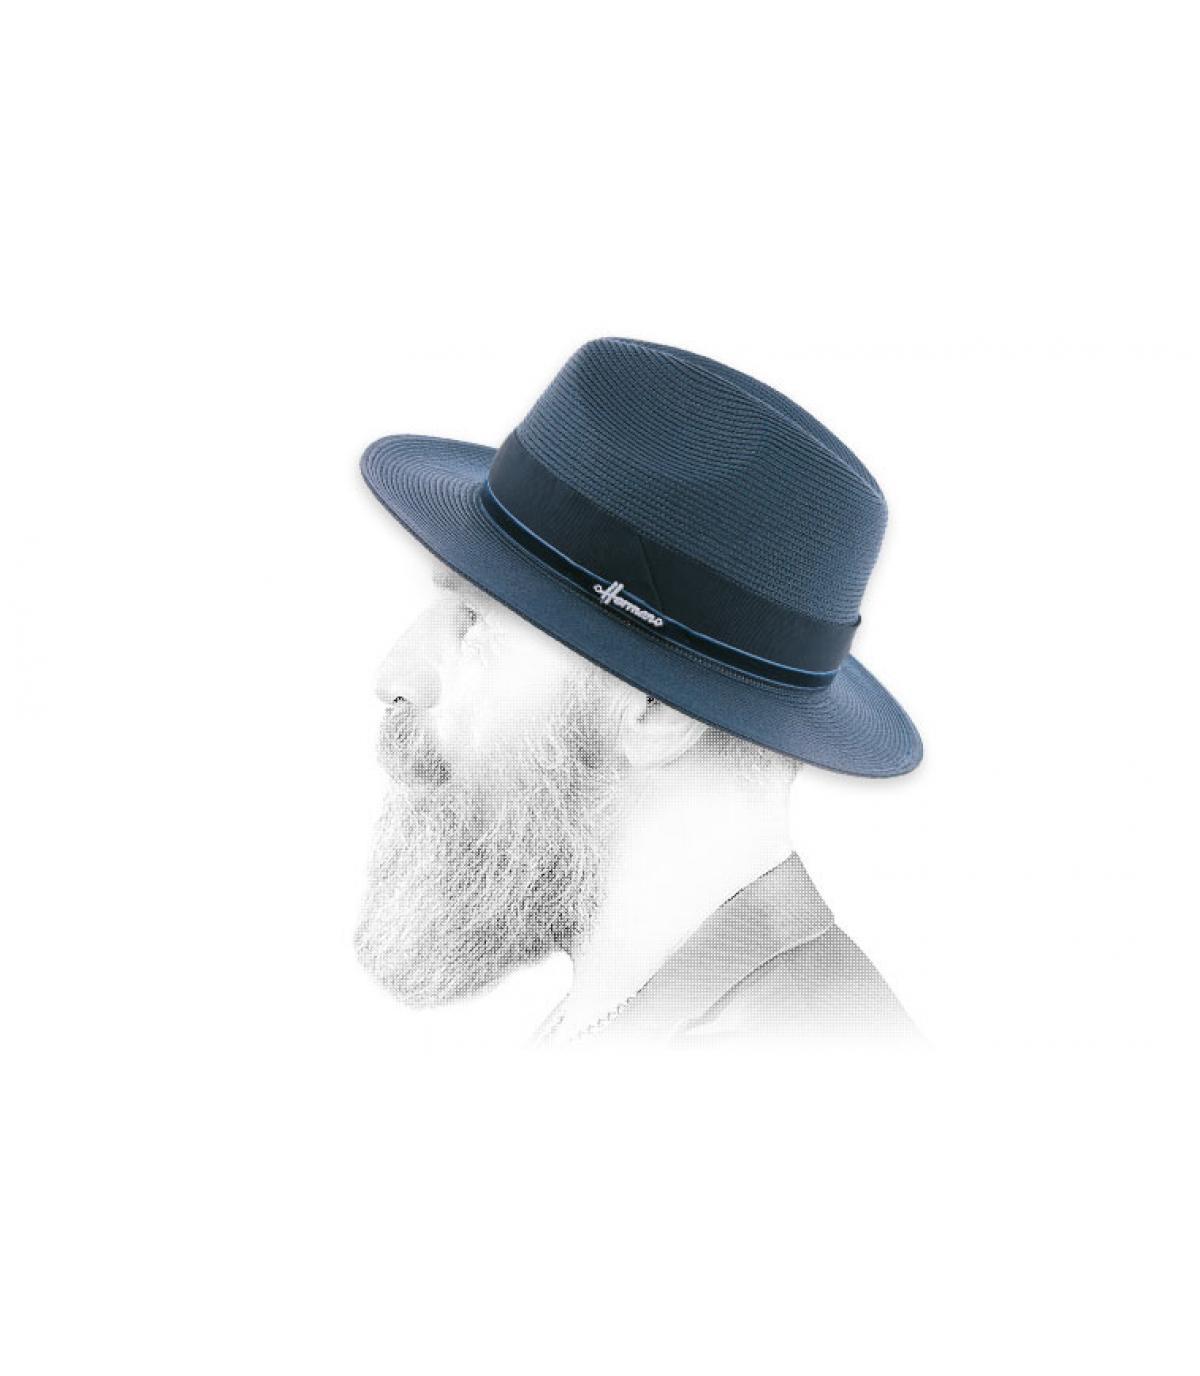 cappello di paglia blu scuro idrorepellente